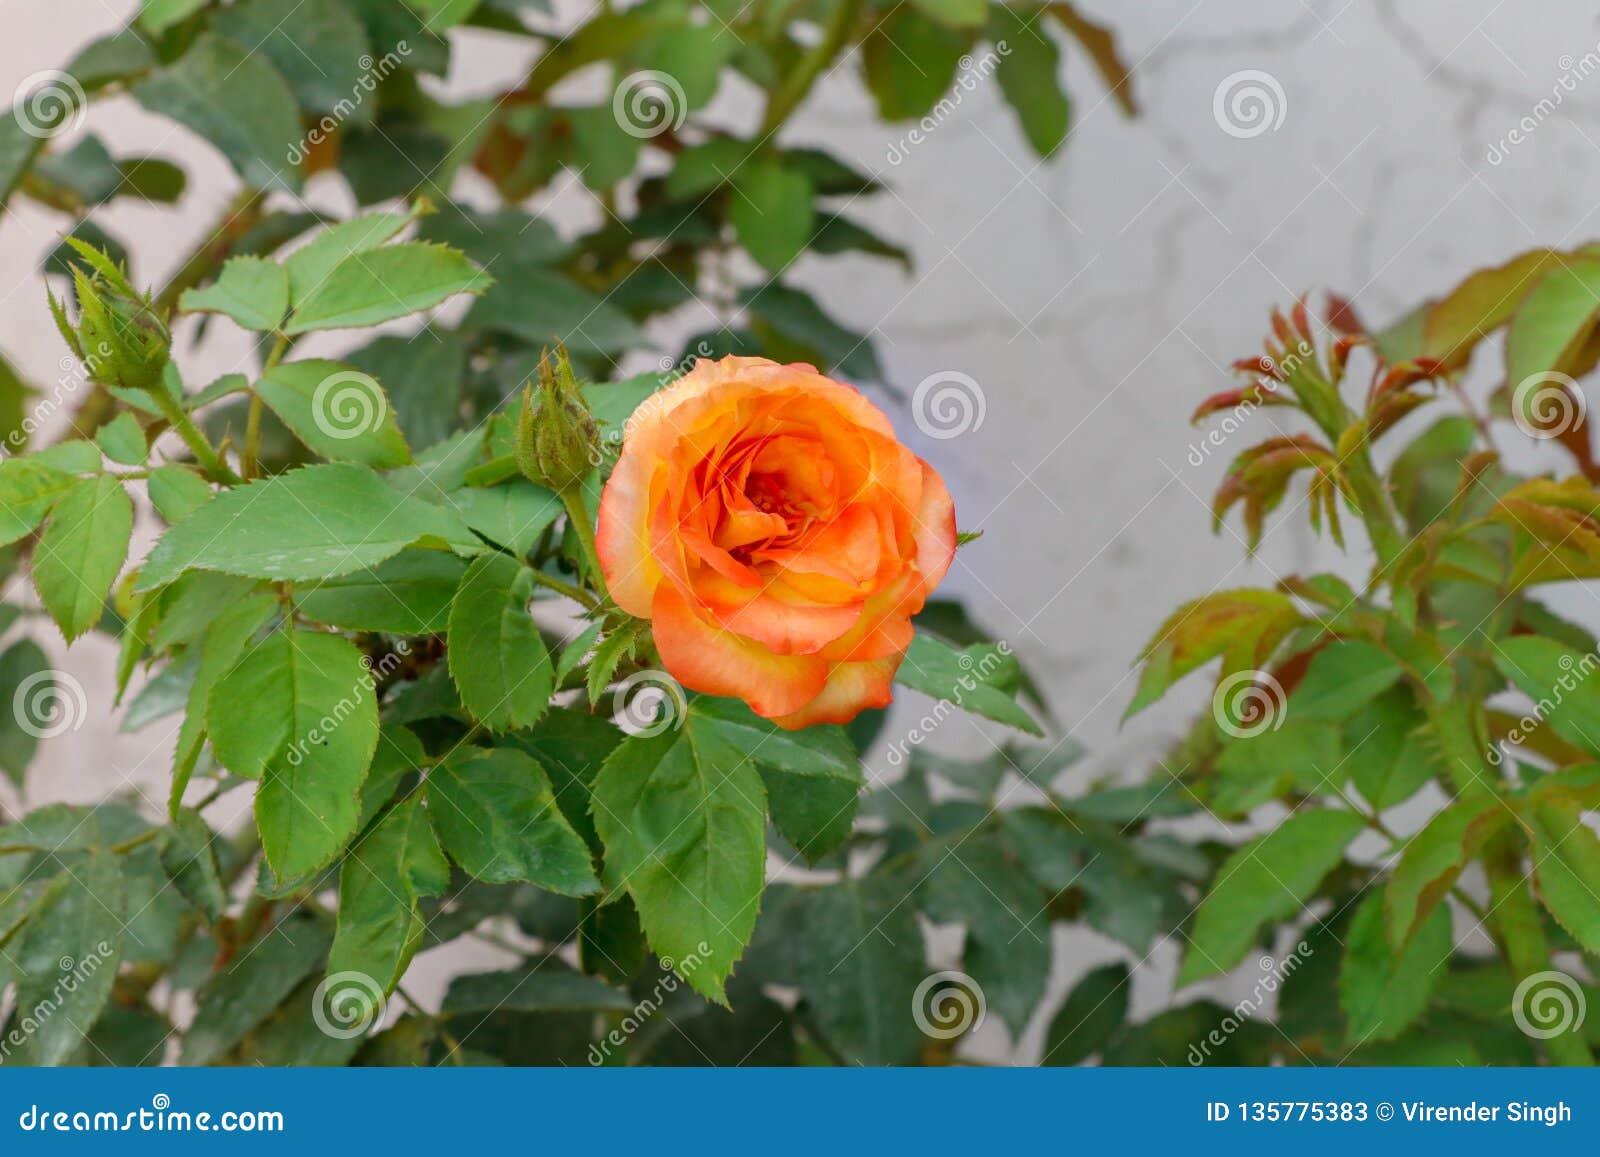 Gele roze rozen die in de tuin bloeien